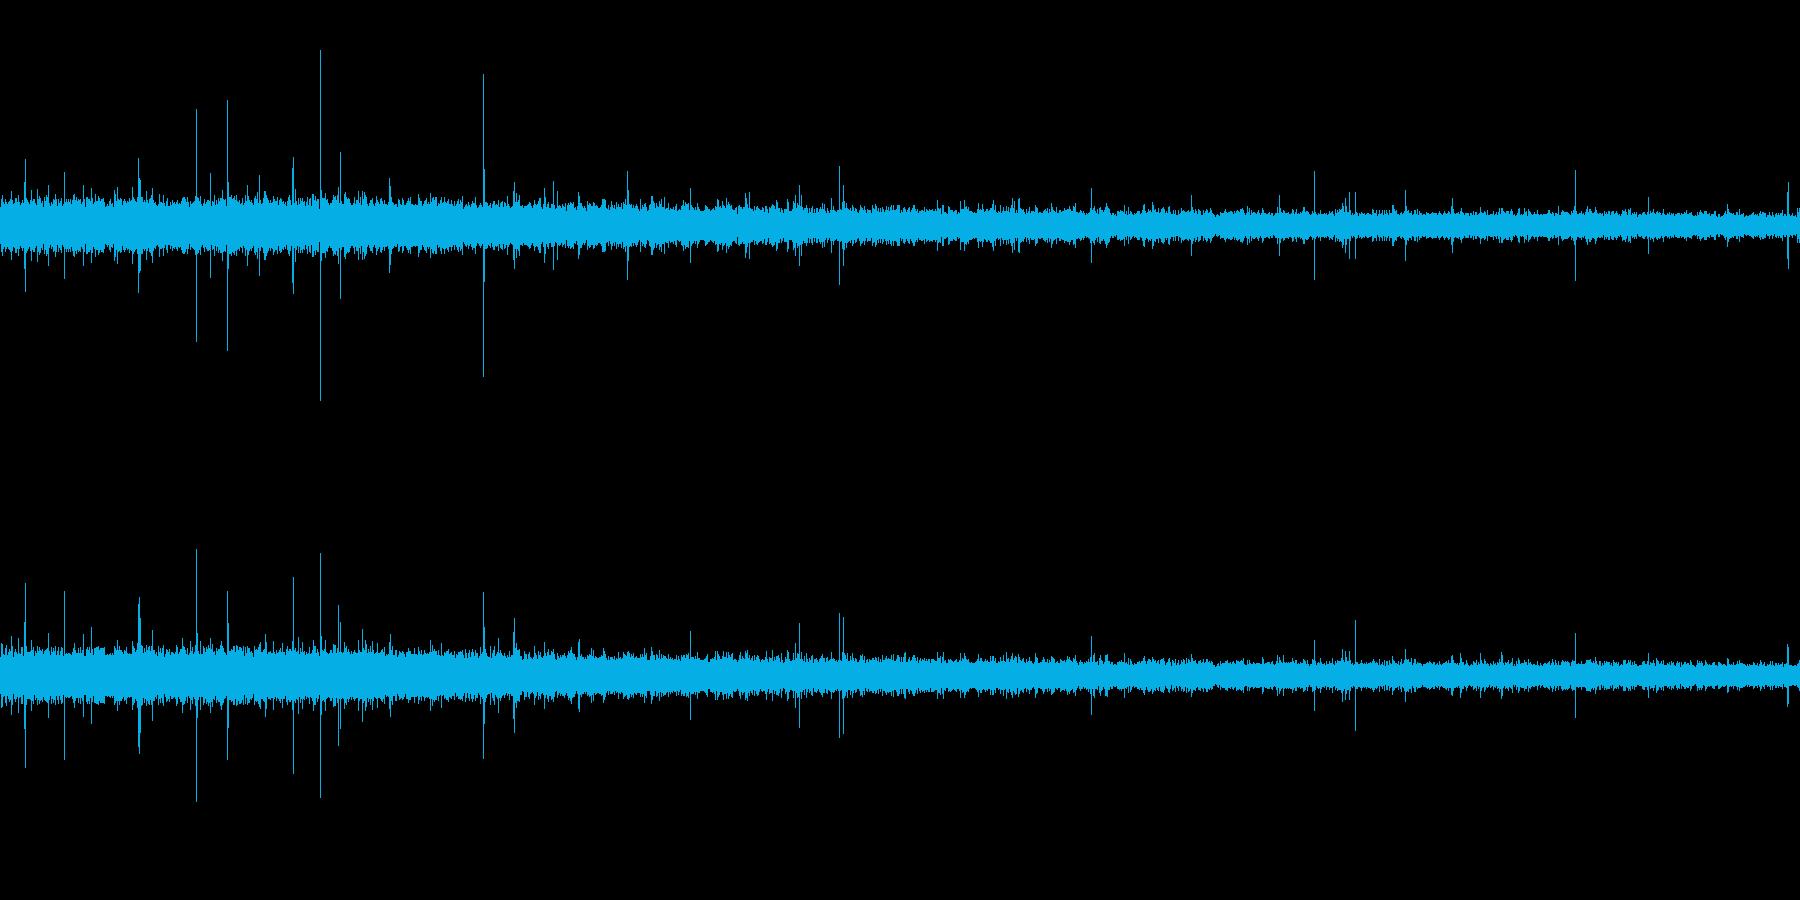 【生音】 梅雨 - 豪雨_23の再生済みの波形